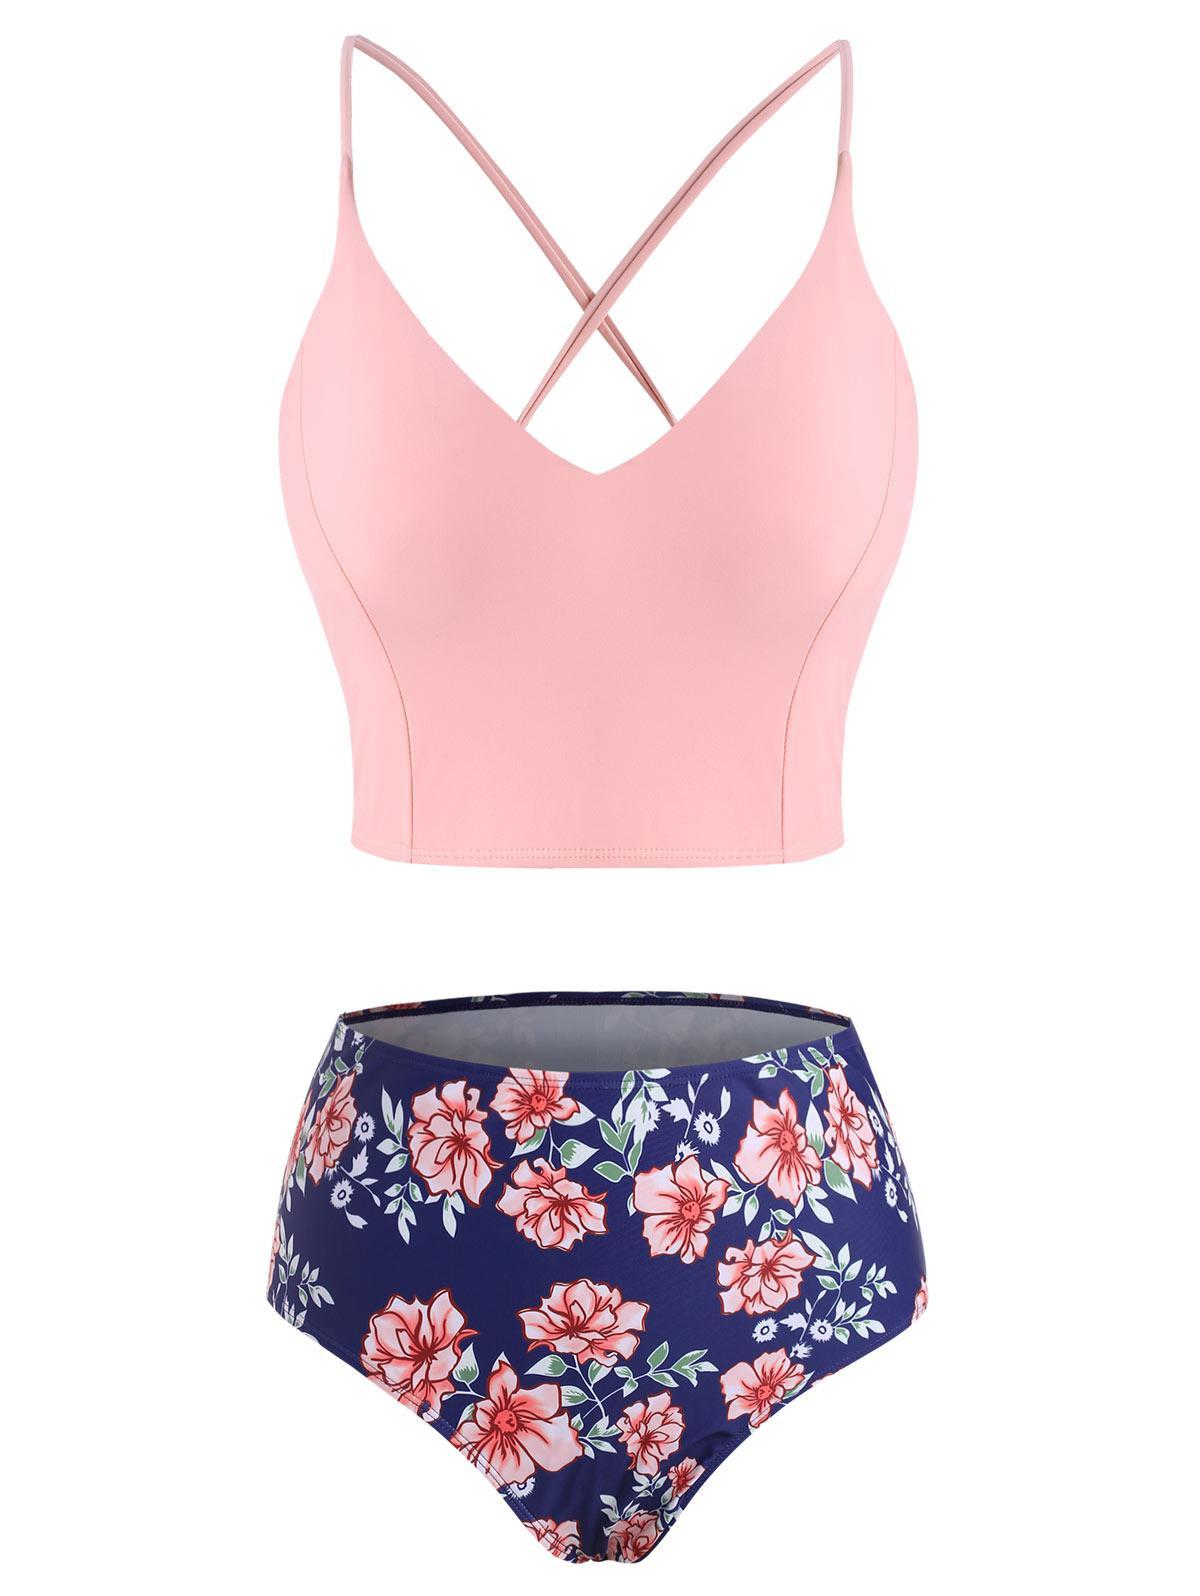 ZAFUL Plus Size Crisscross Lace-up Back Floral Tankini Swimwear